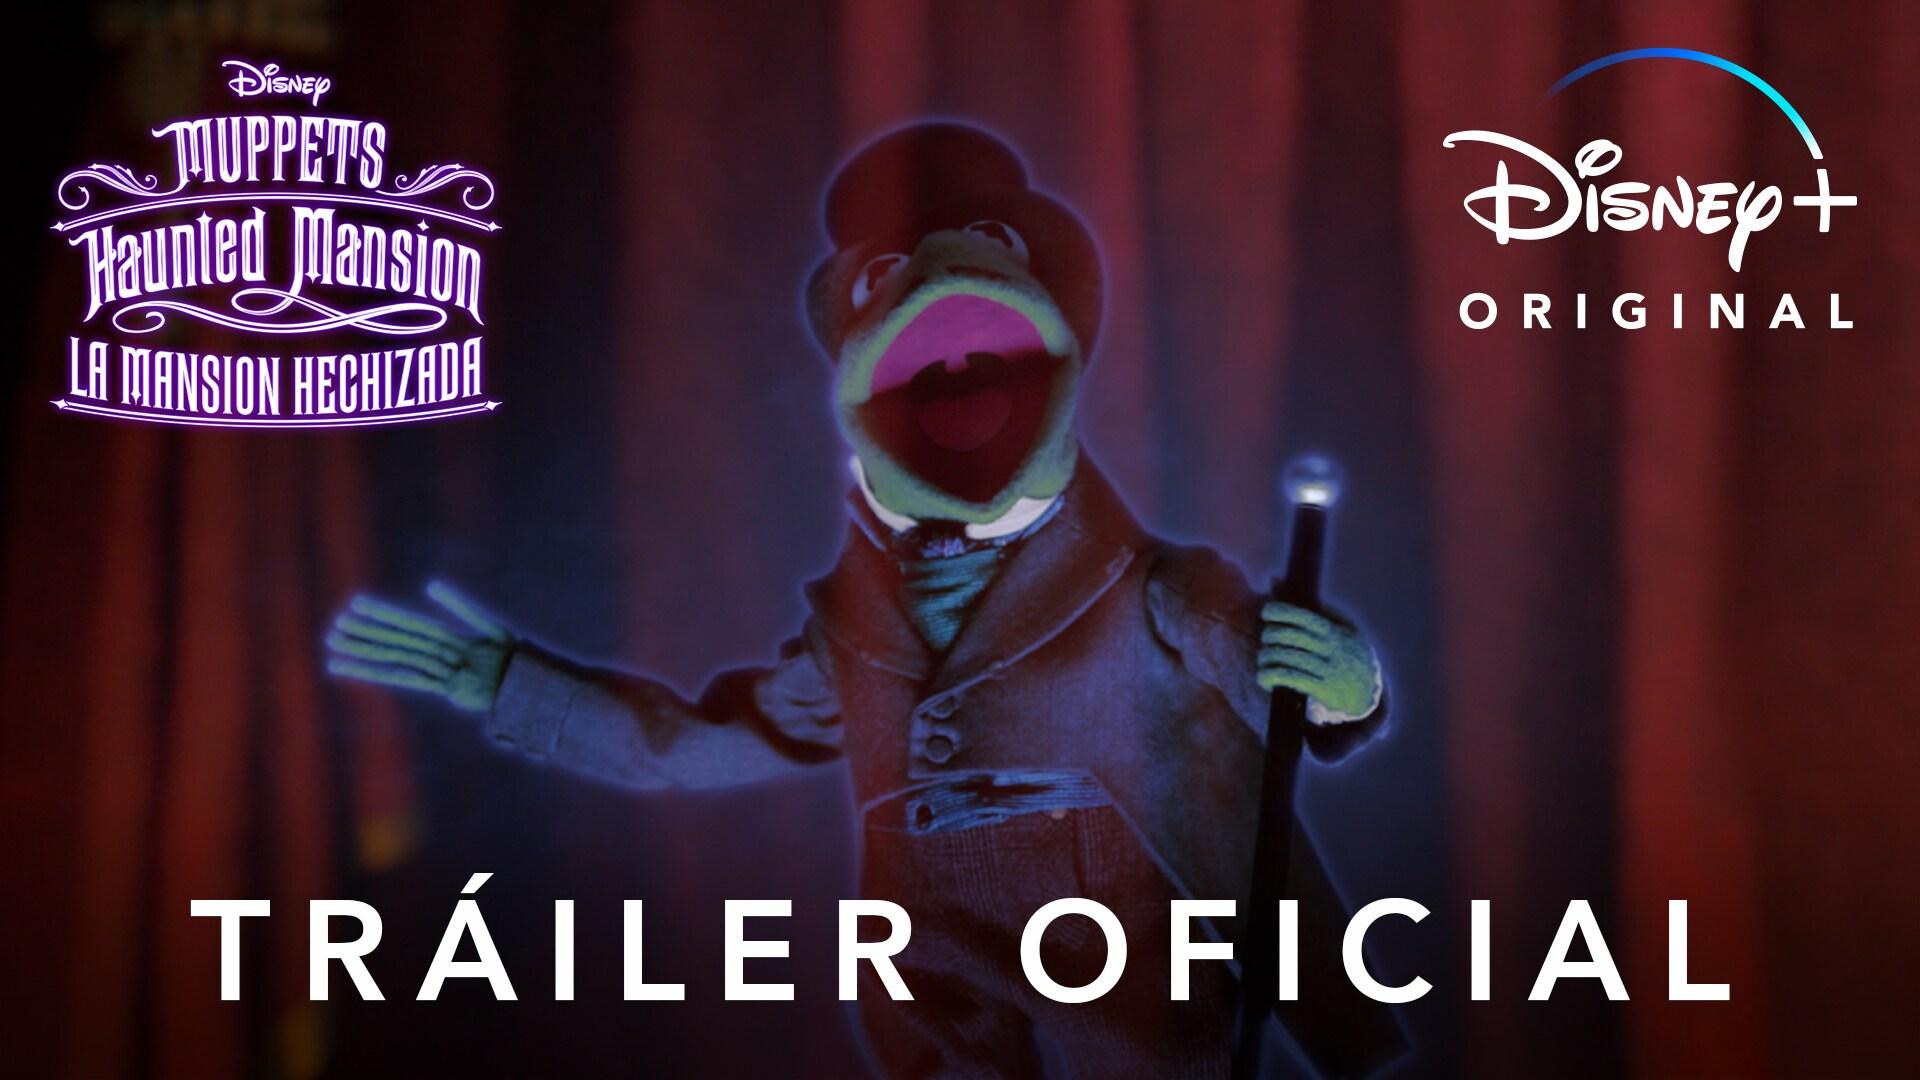 Muppets Haunted Mansion: La mansión hechizada | Tráiler Oficial | Disney+